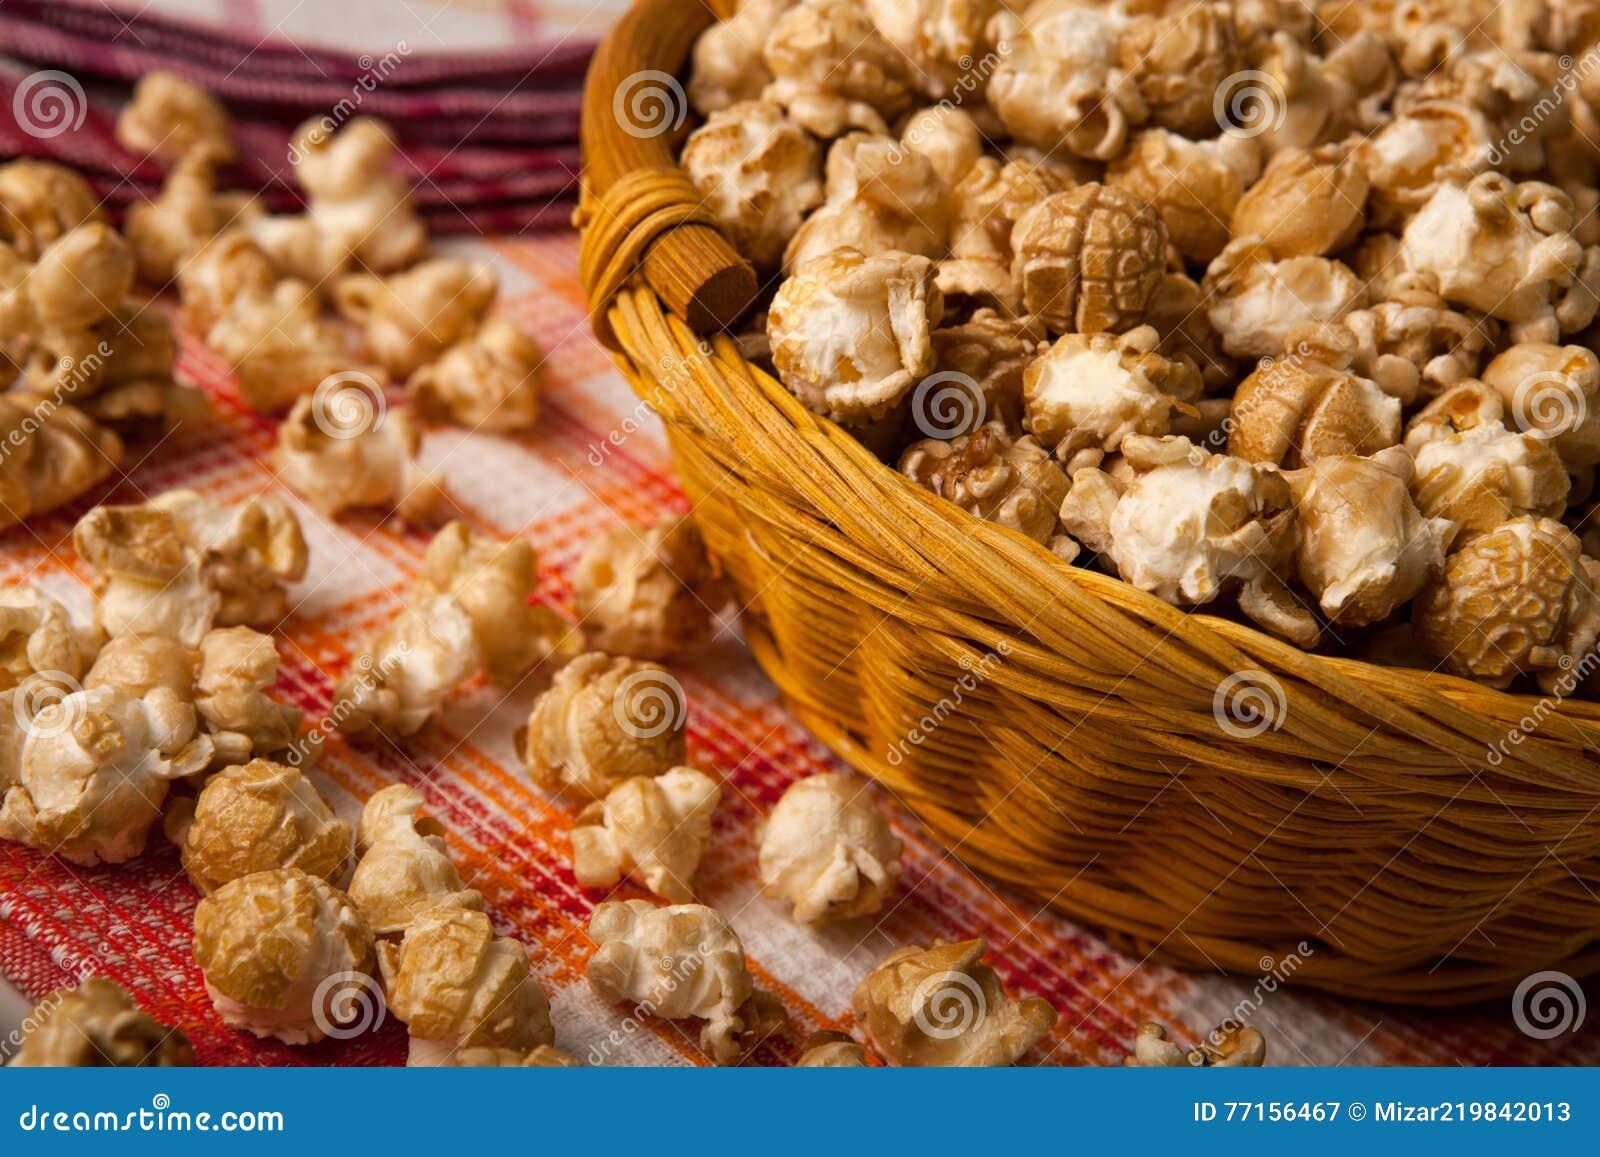 Maïs éclaté de caramel dans un panier sur une serviette